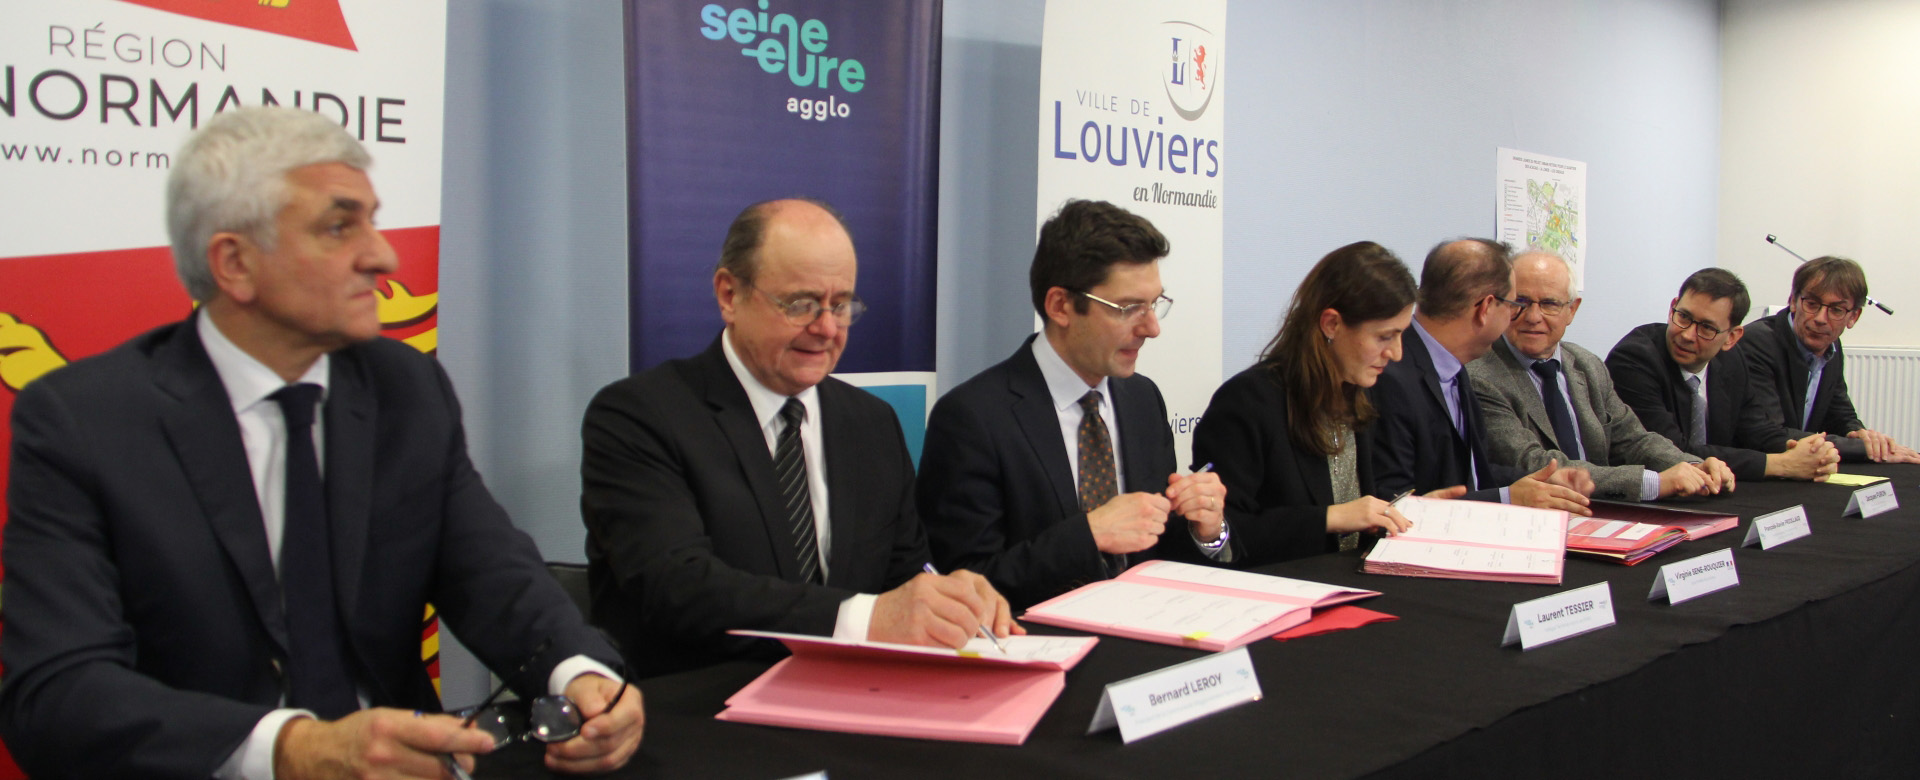 Renouvellement urbain à Louviers : C'est signé !